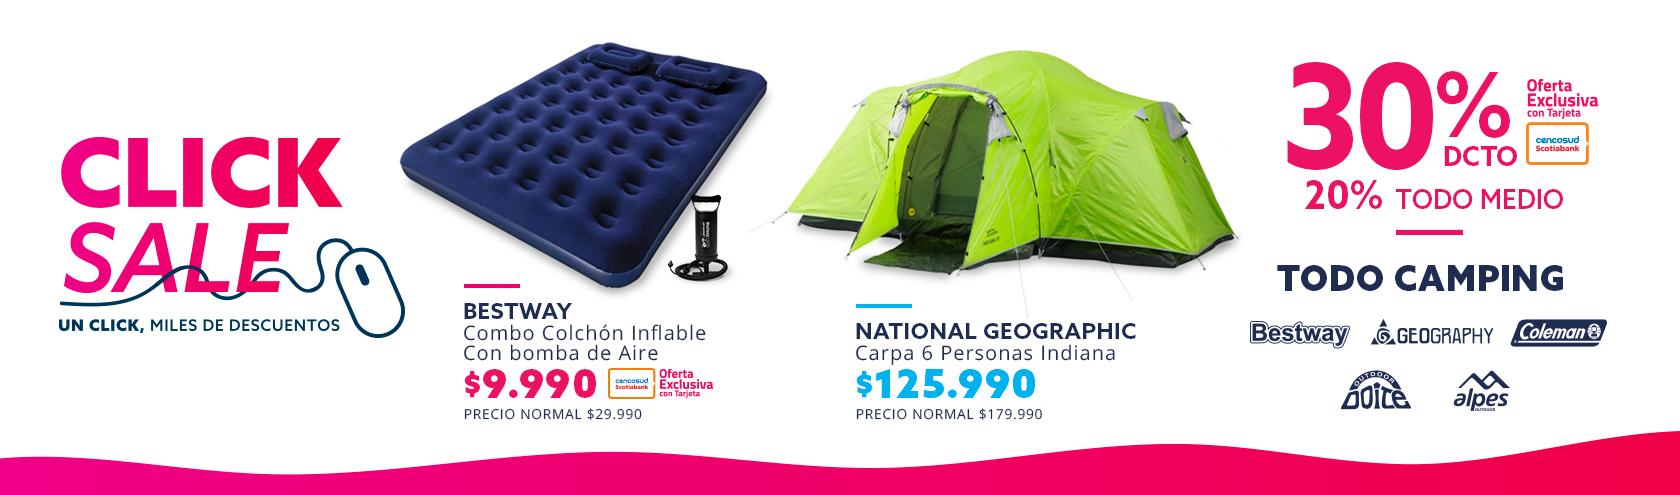 30/20 Todo Camping en Click Sale paris.cl